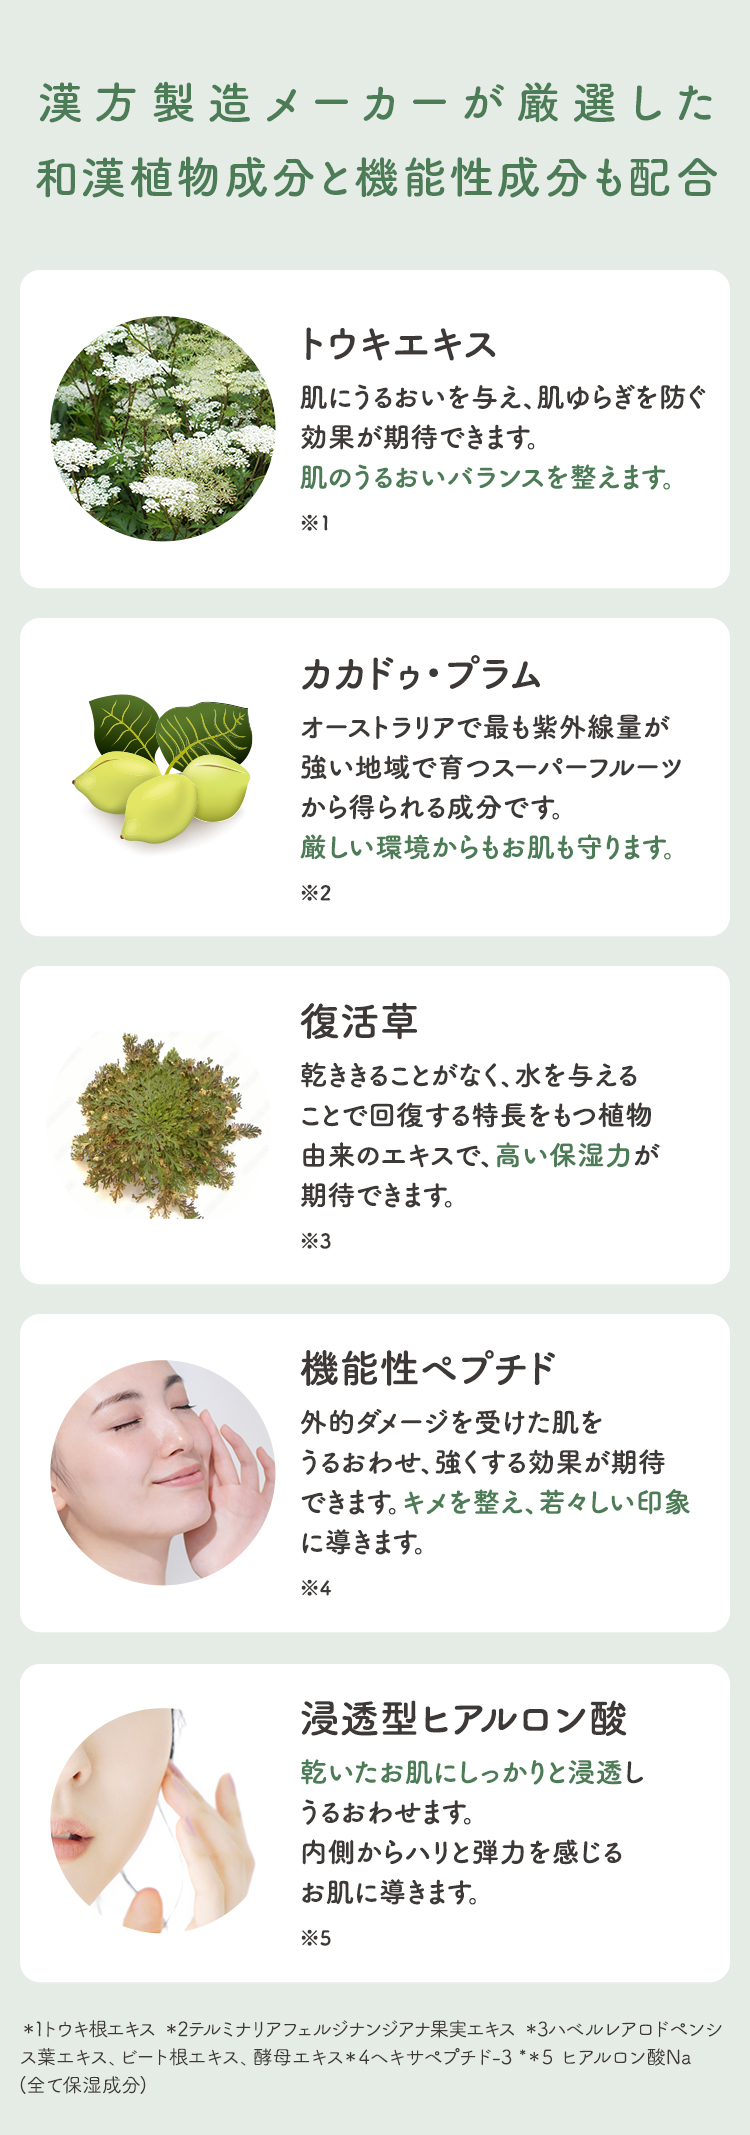 漢方製造メーカーが厳選した和漢植物成分と機能性成分も配合